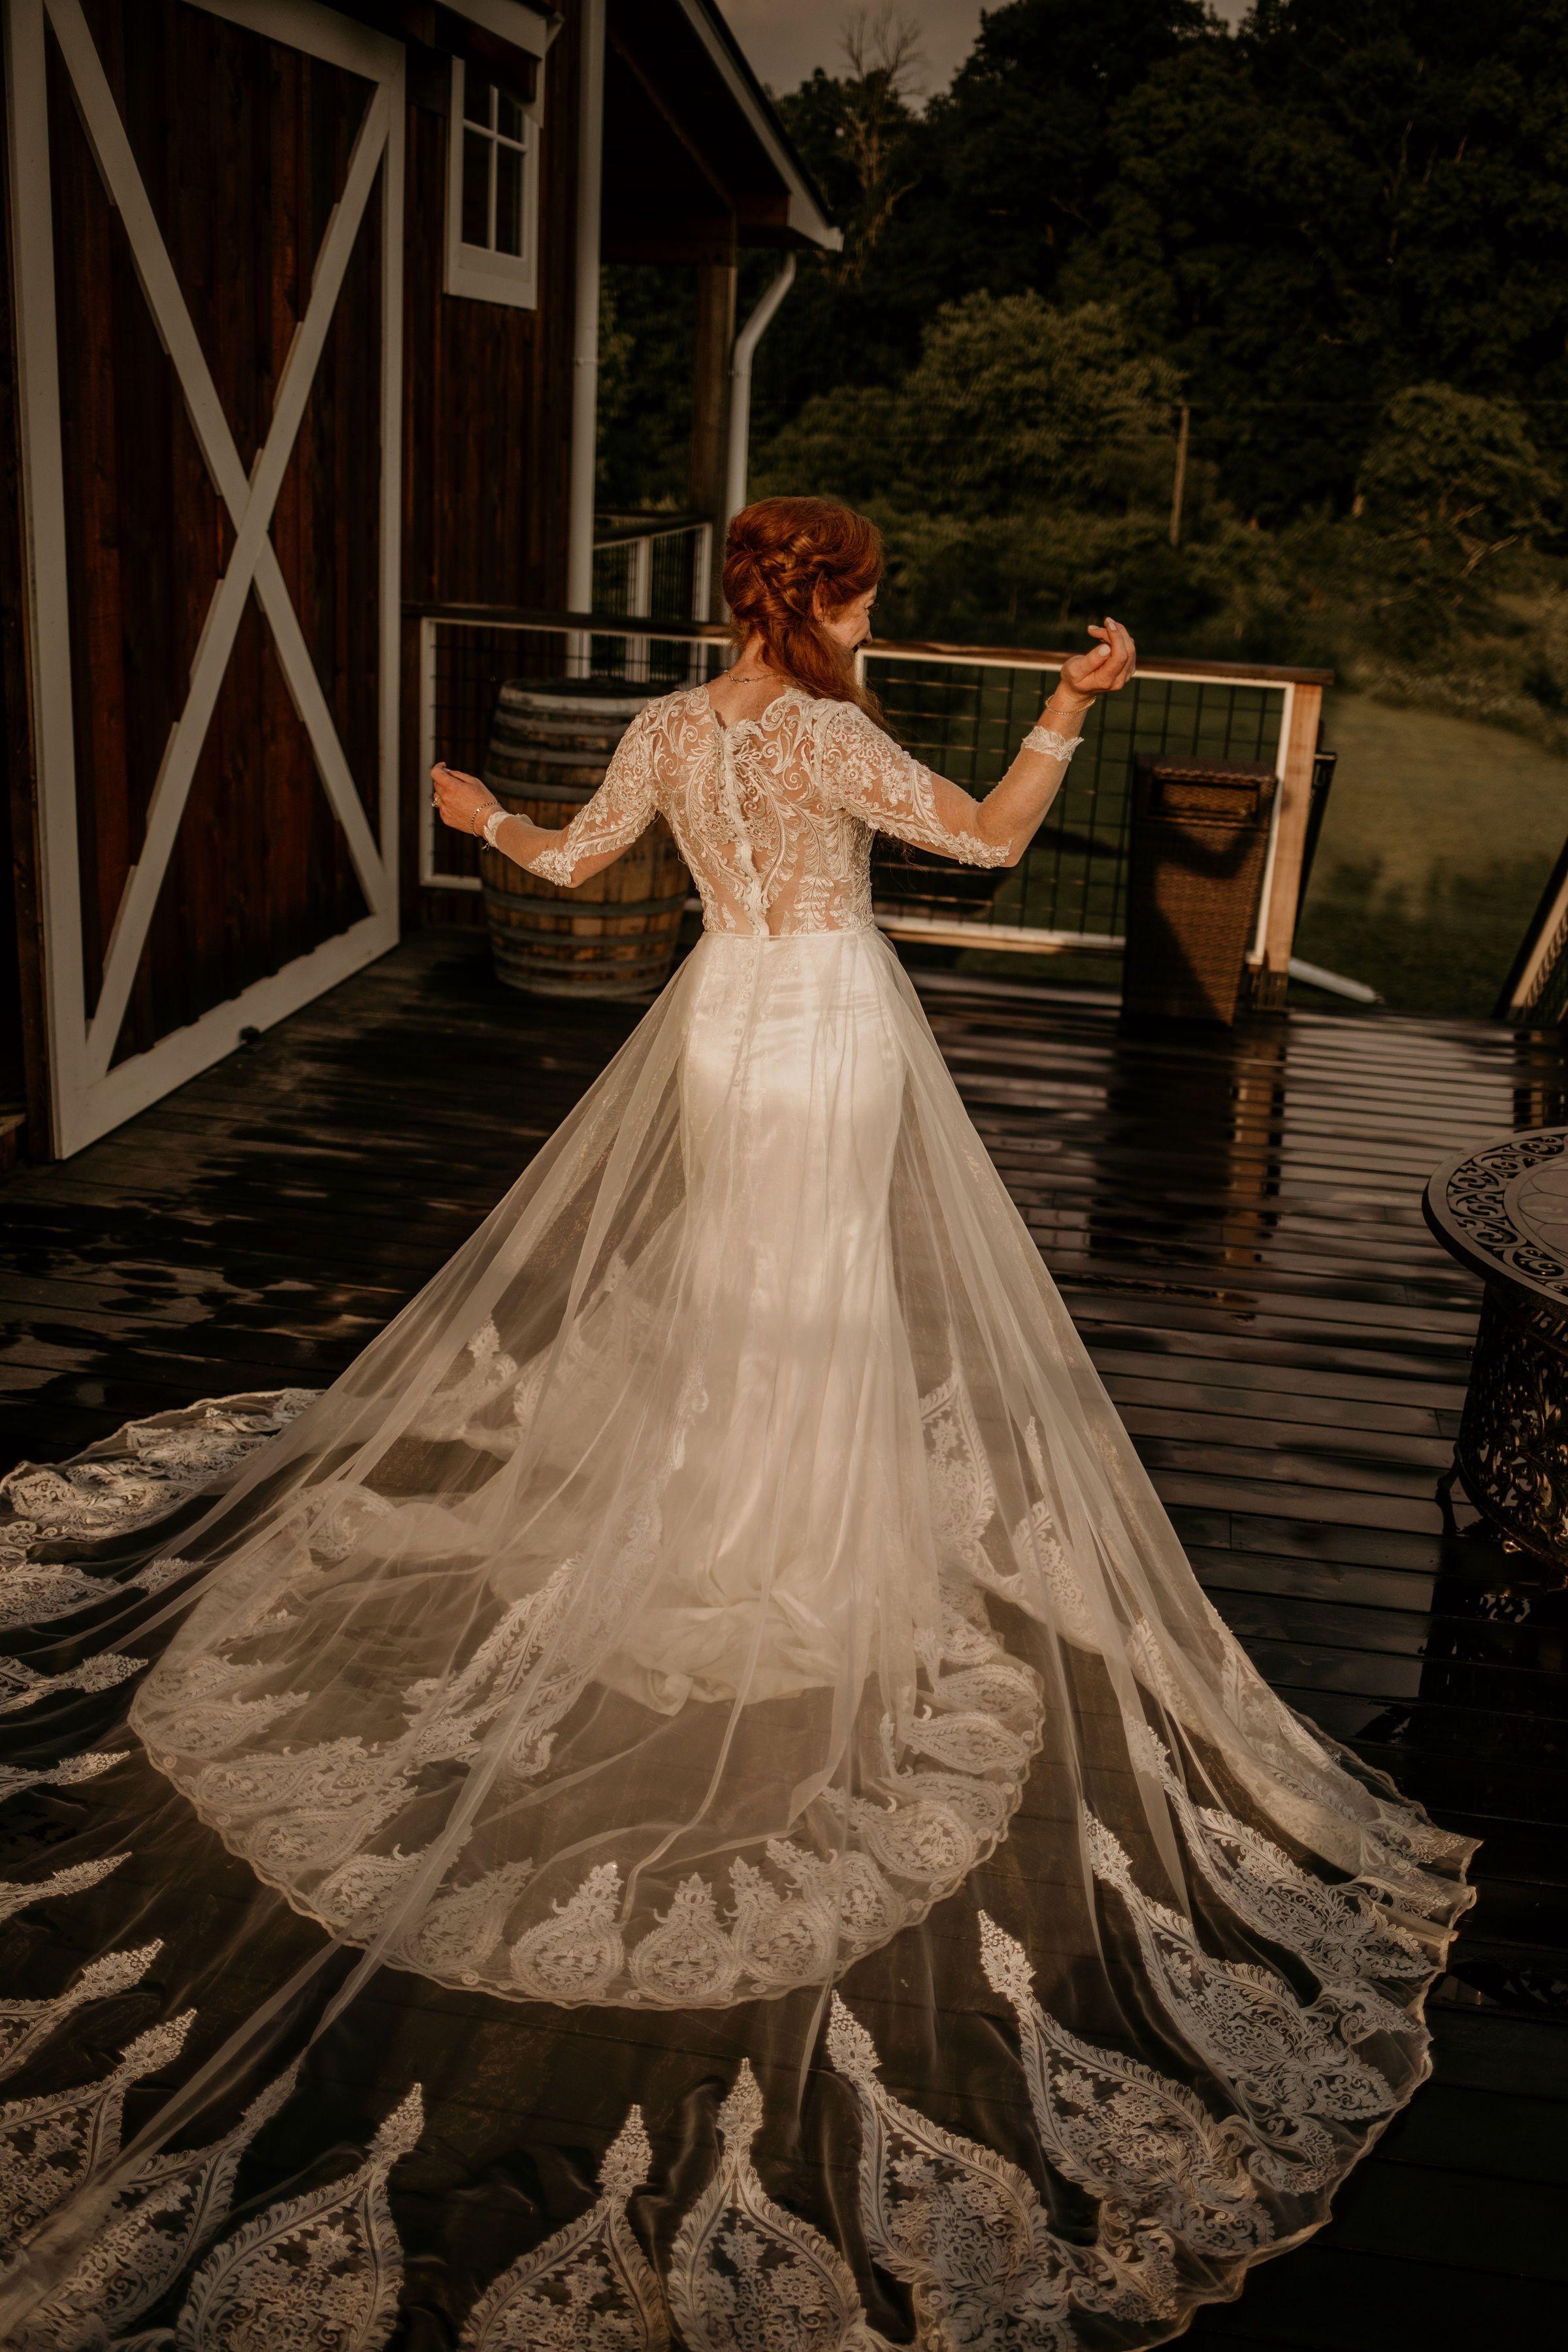 My Dress Story Zara's Wedding Dress with Fabrics from the ...